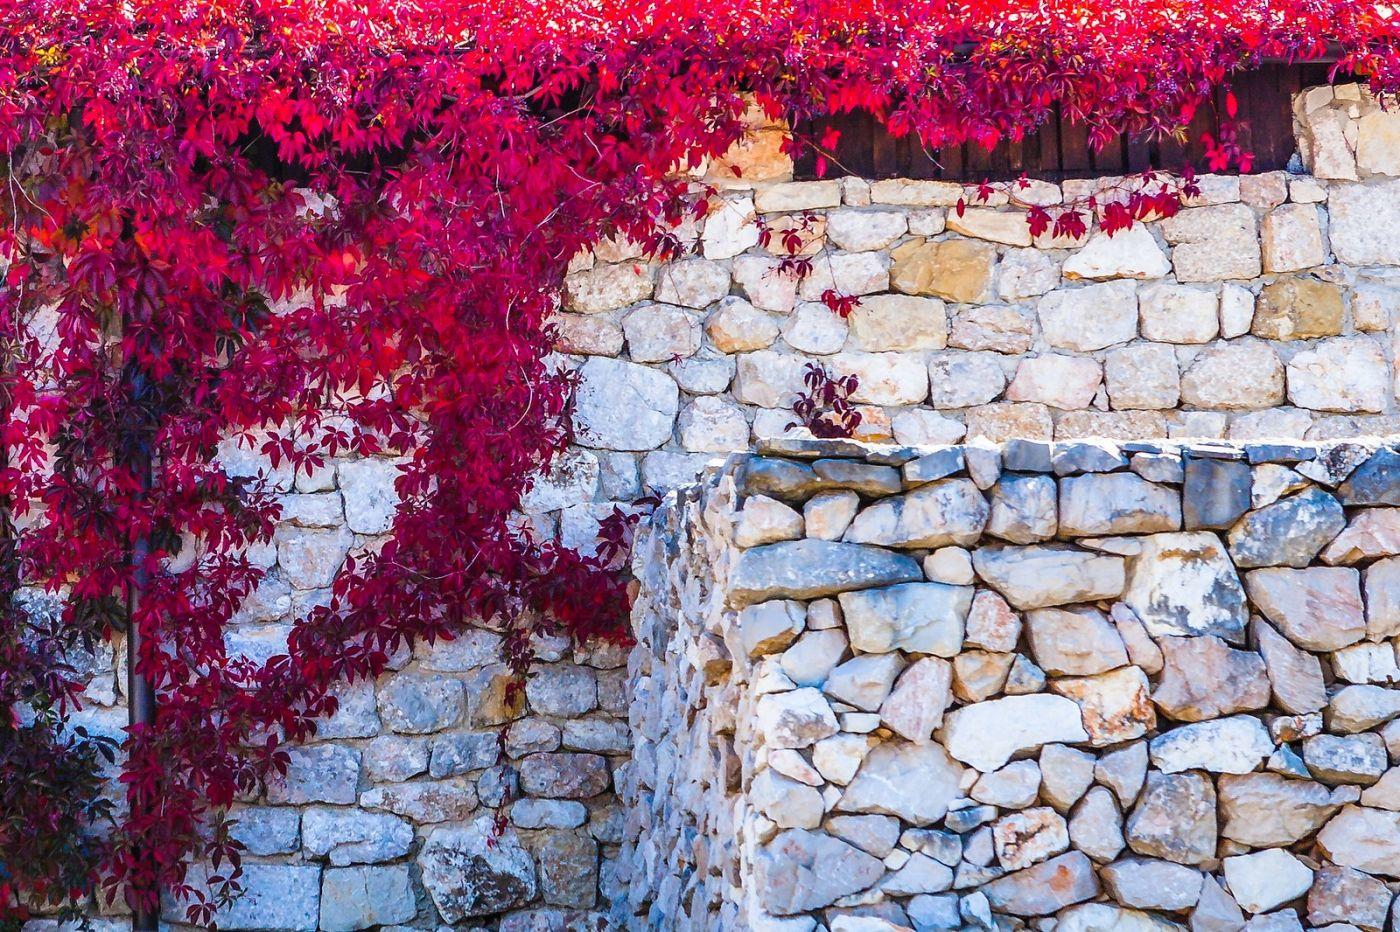 克罗地亚达尔马提亚村,独特的地域风貌_图1-23